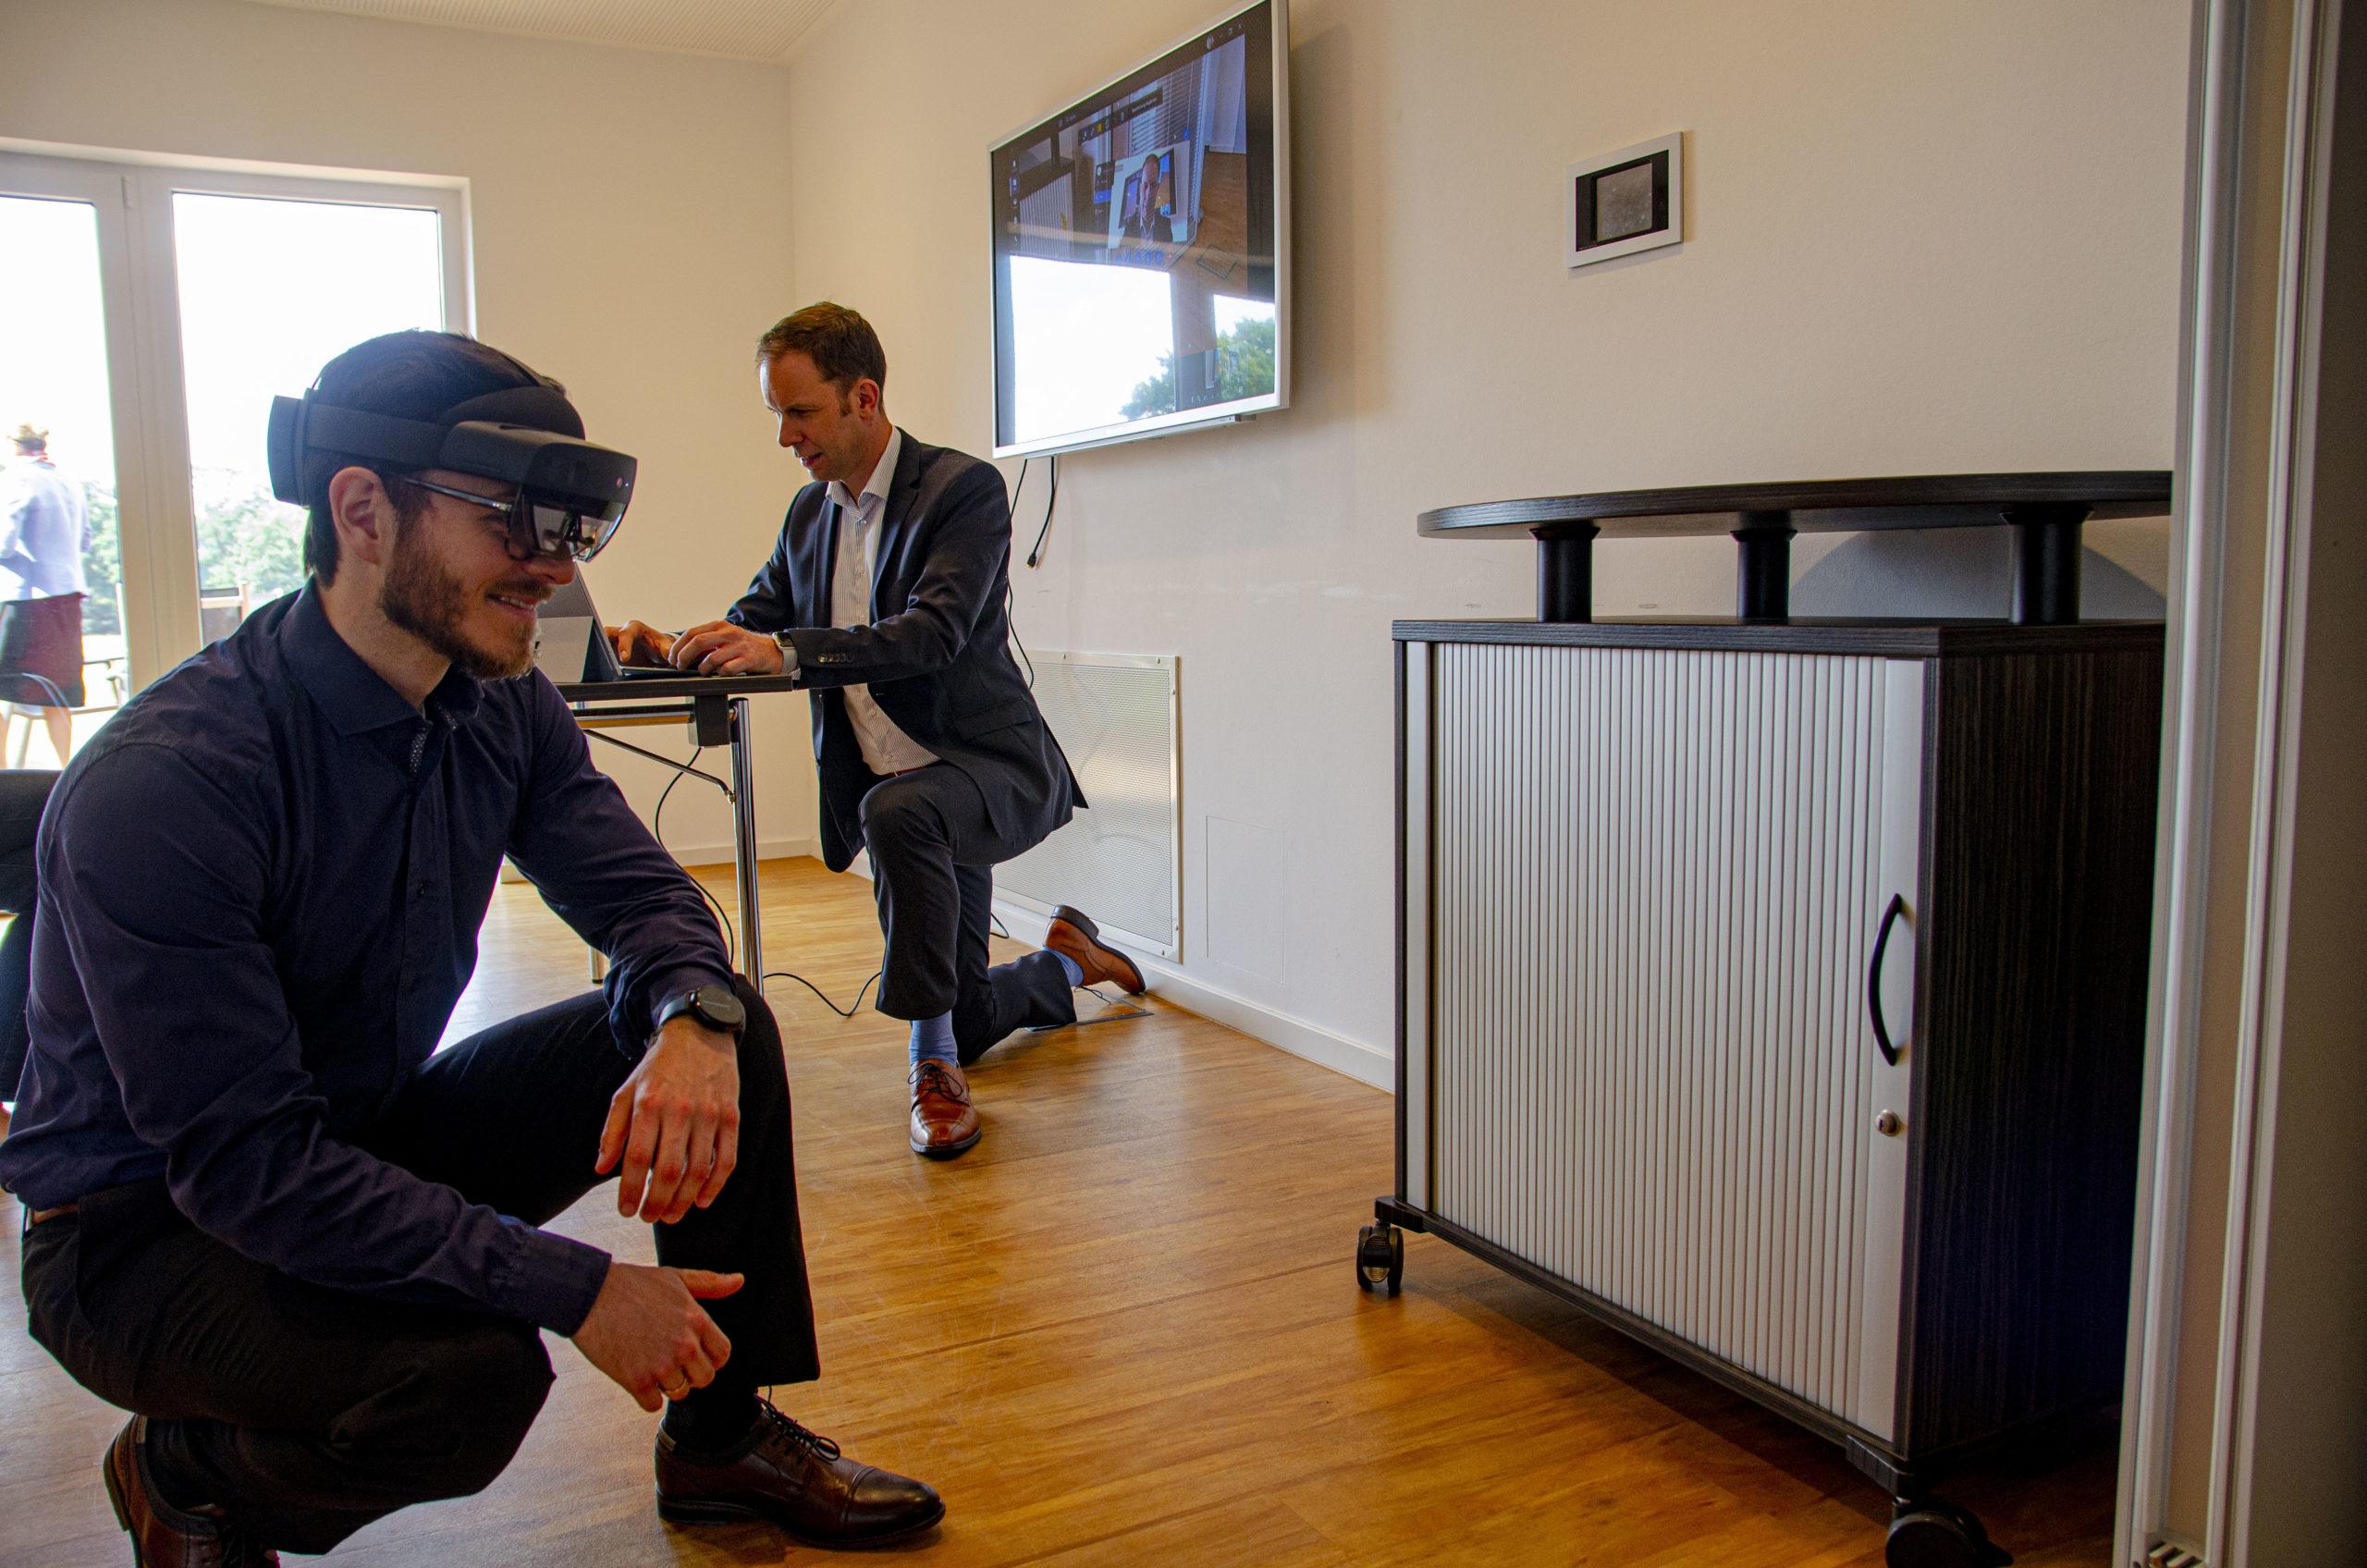 Mit aufgesetzter AR-Brille kann André Grothus sein Sichtfeld an Prof. Dr. Tobias Rieke senden. (Foto: FH Münster/Frederik Tebbe)